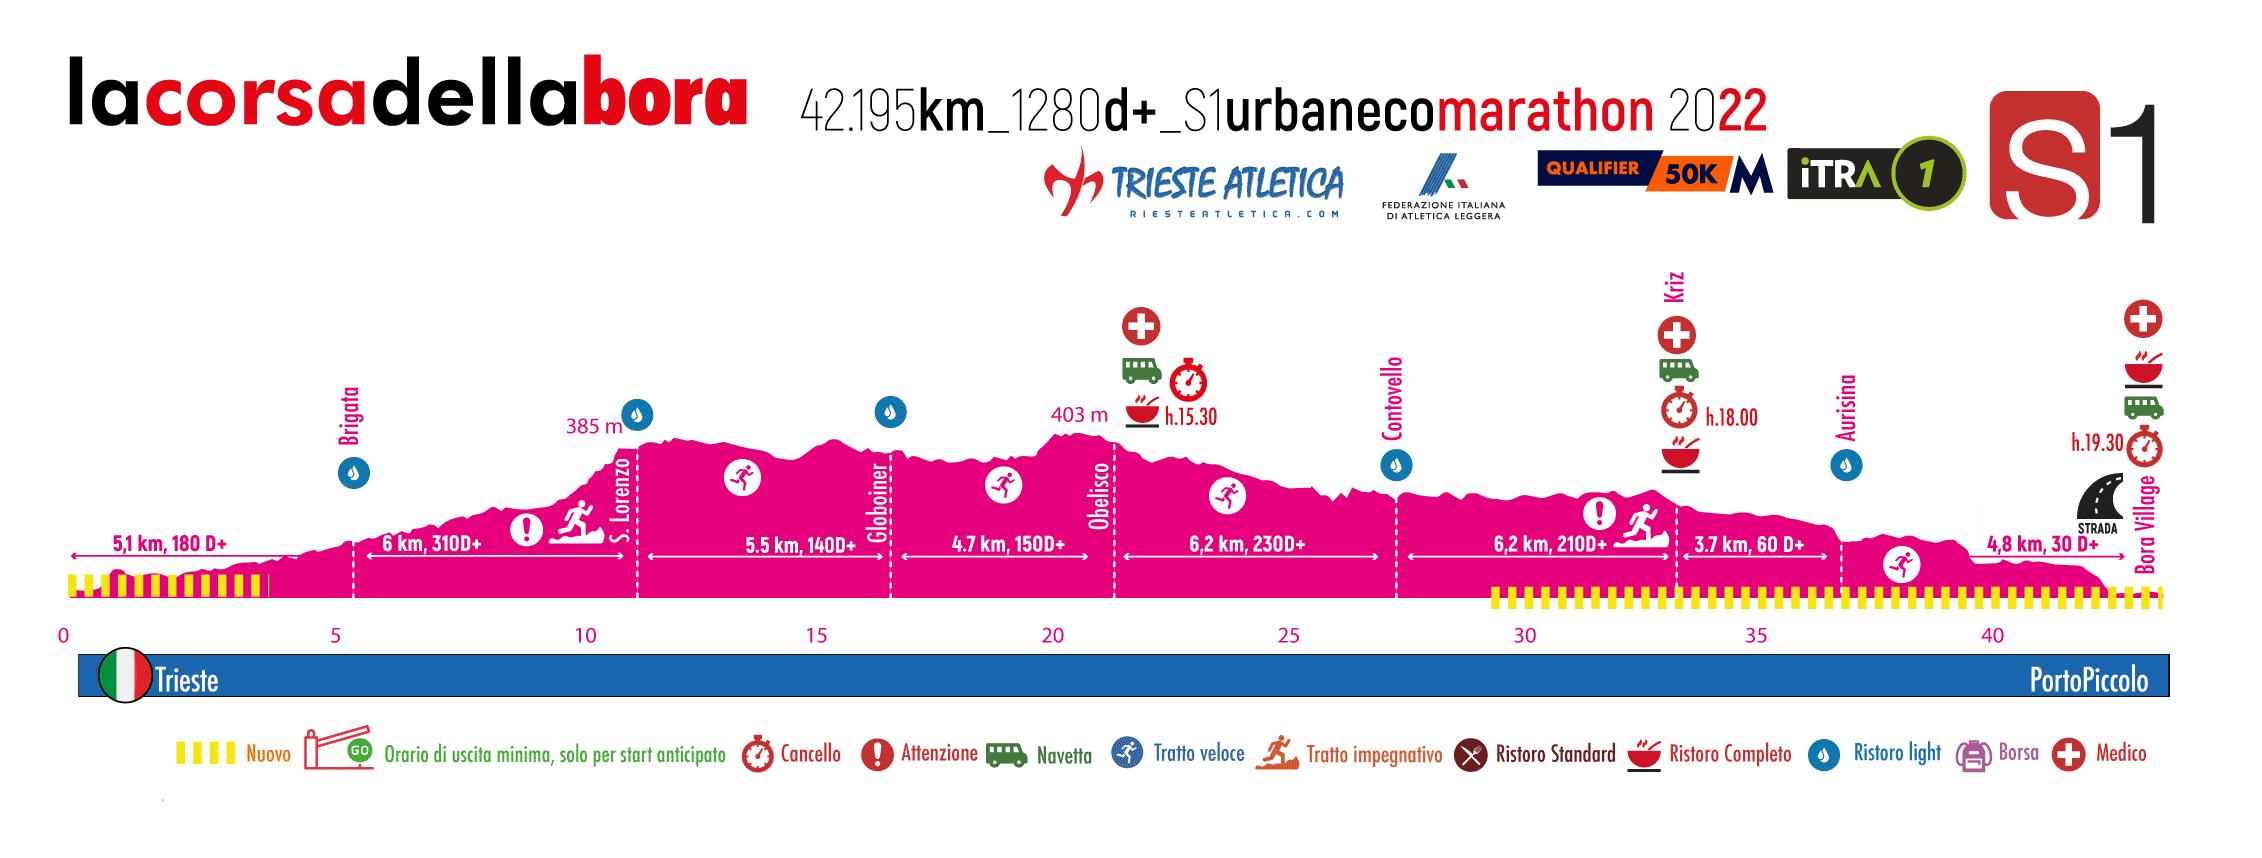 Profilo Altimetrico Urban marathon Trieste 2022